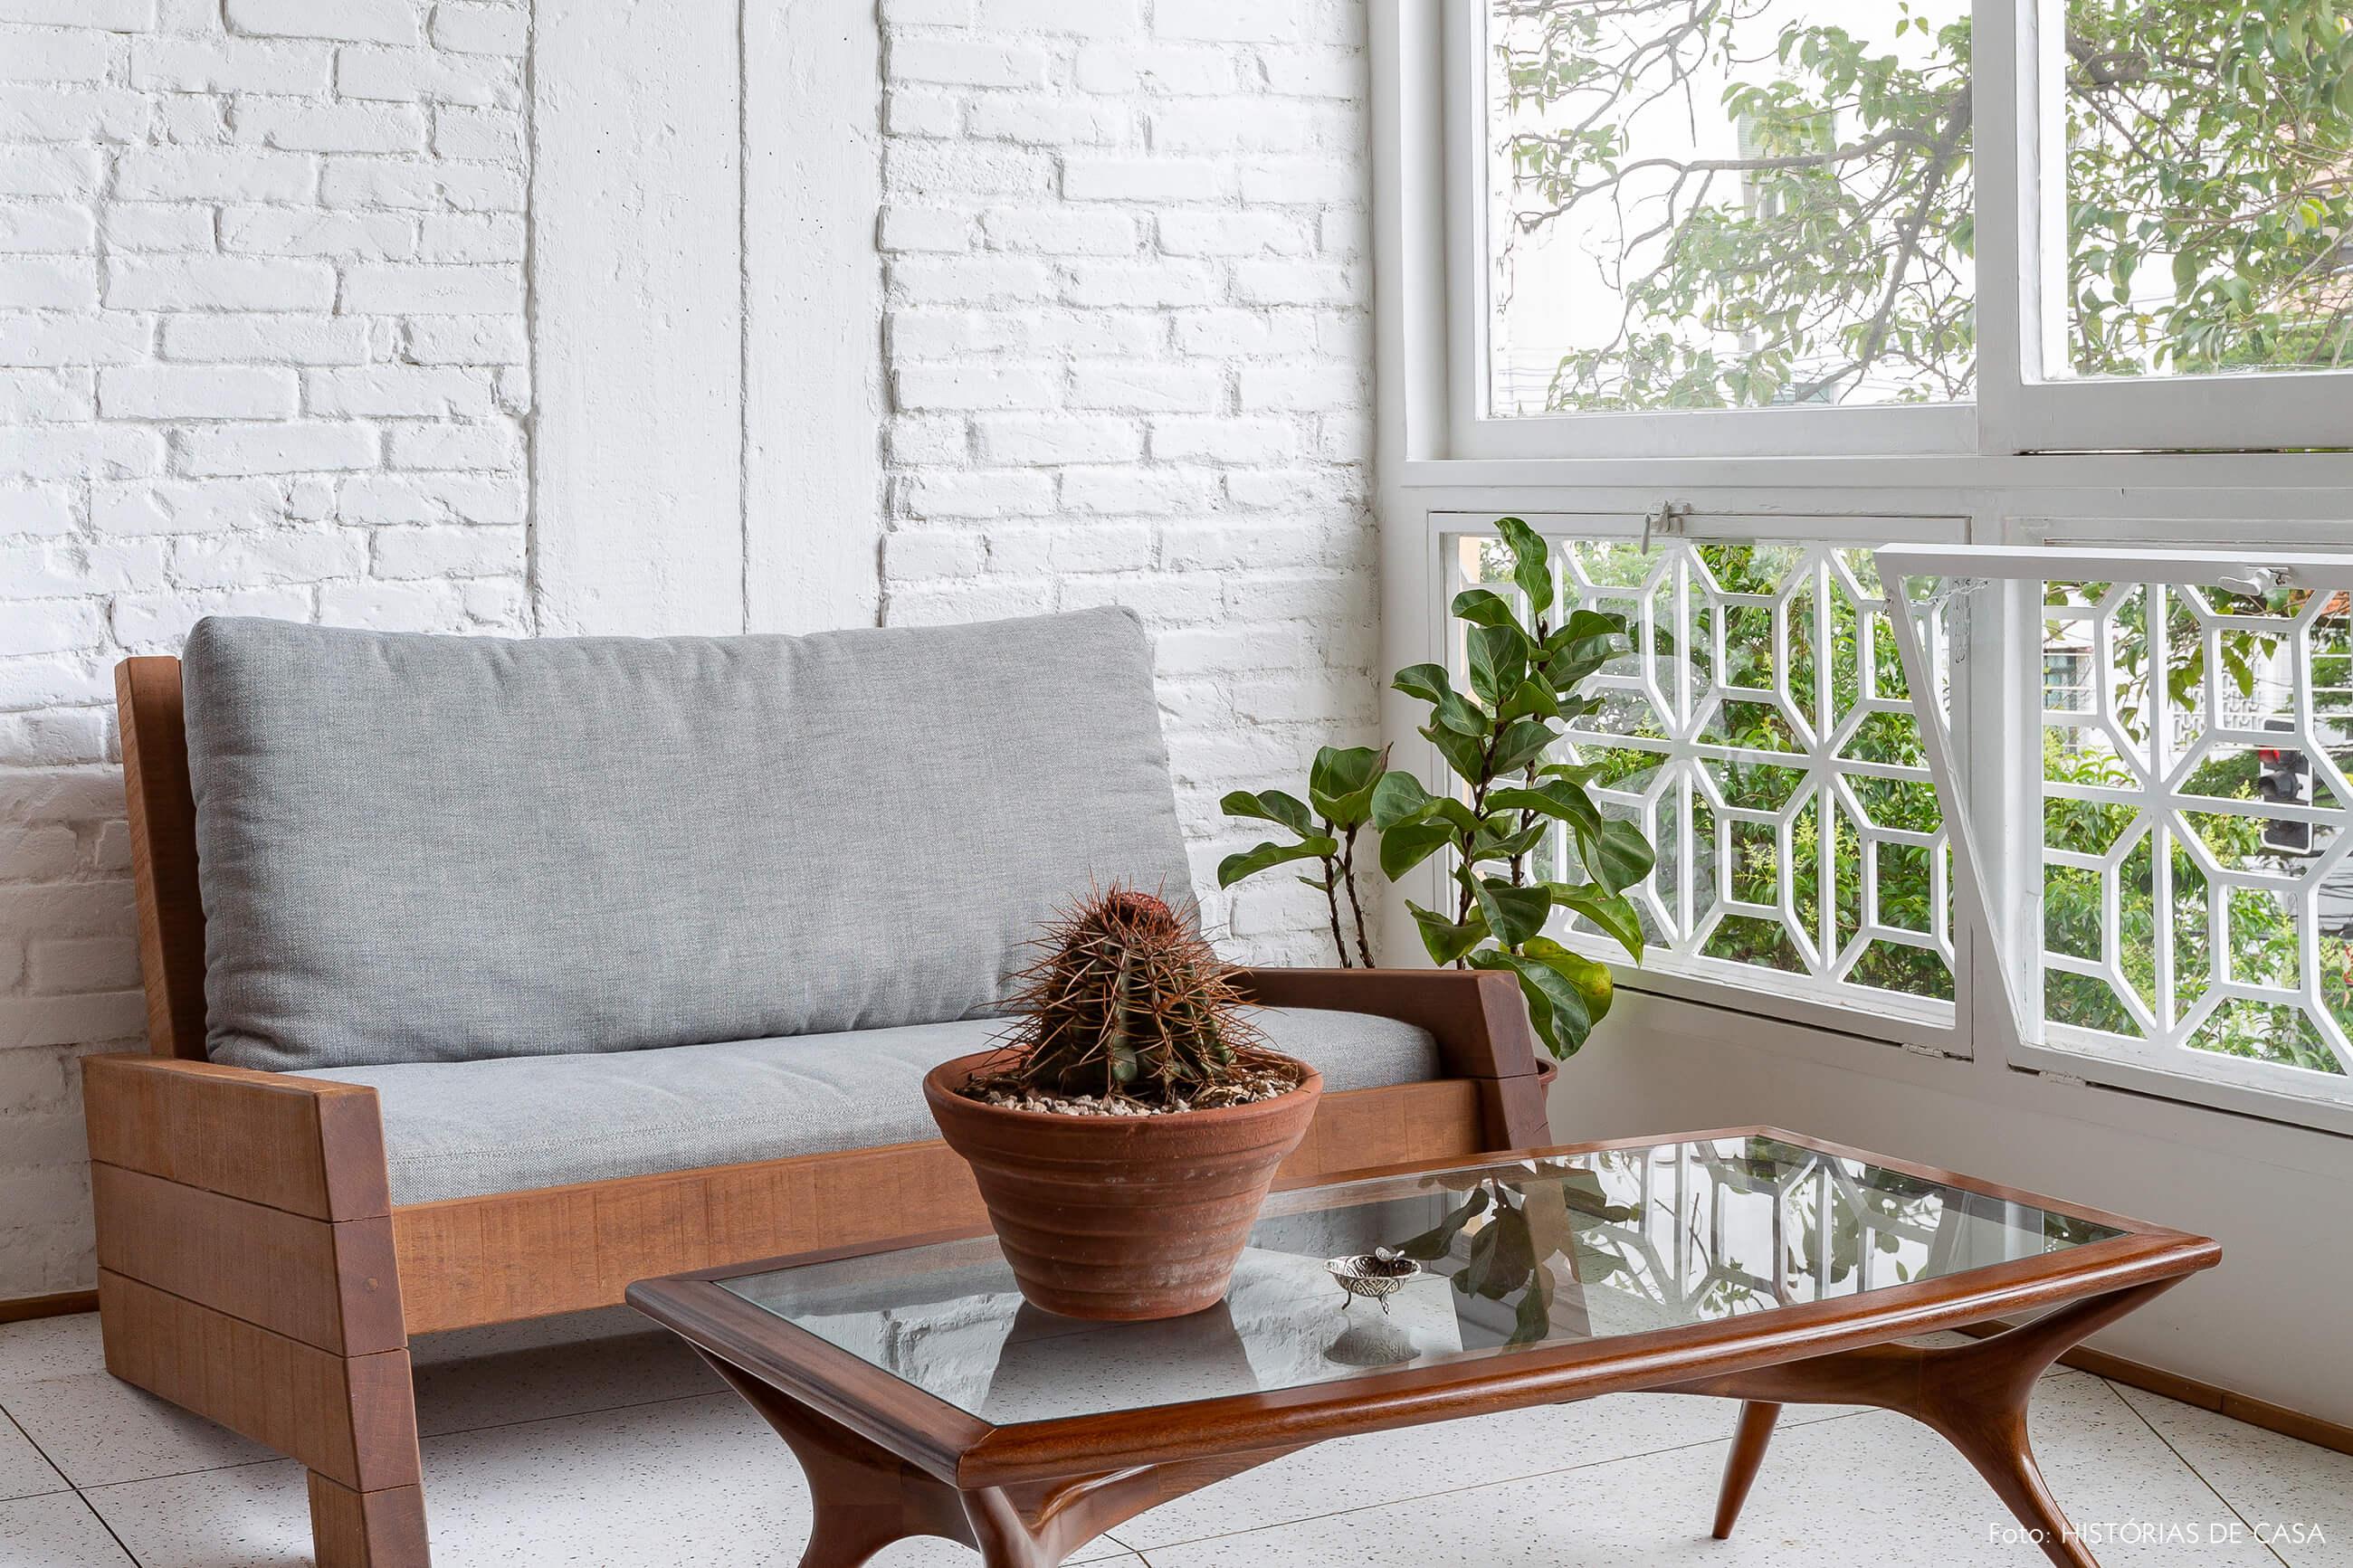 Apartamento com parede de tijolinho branco na sala e móveis antigos de madeira